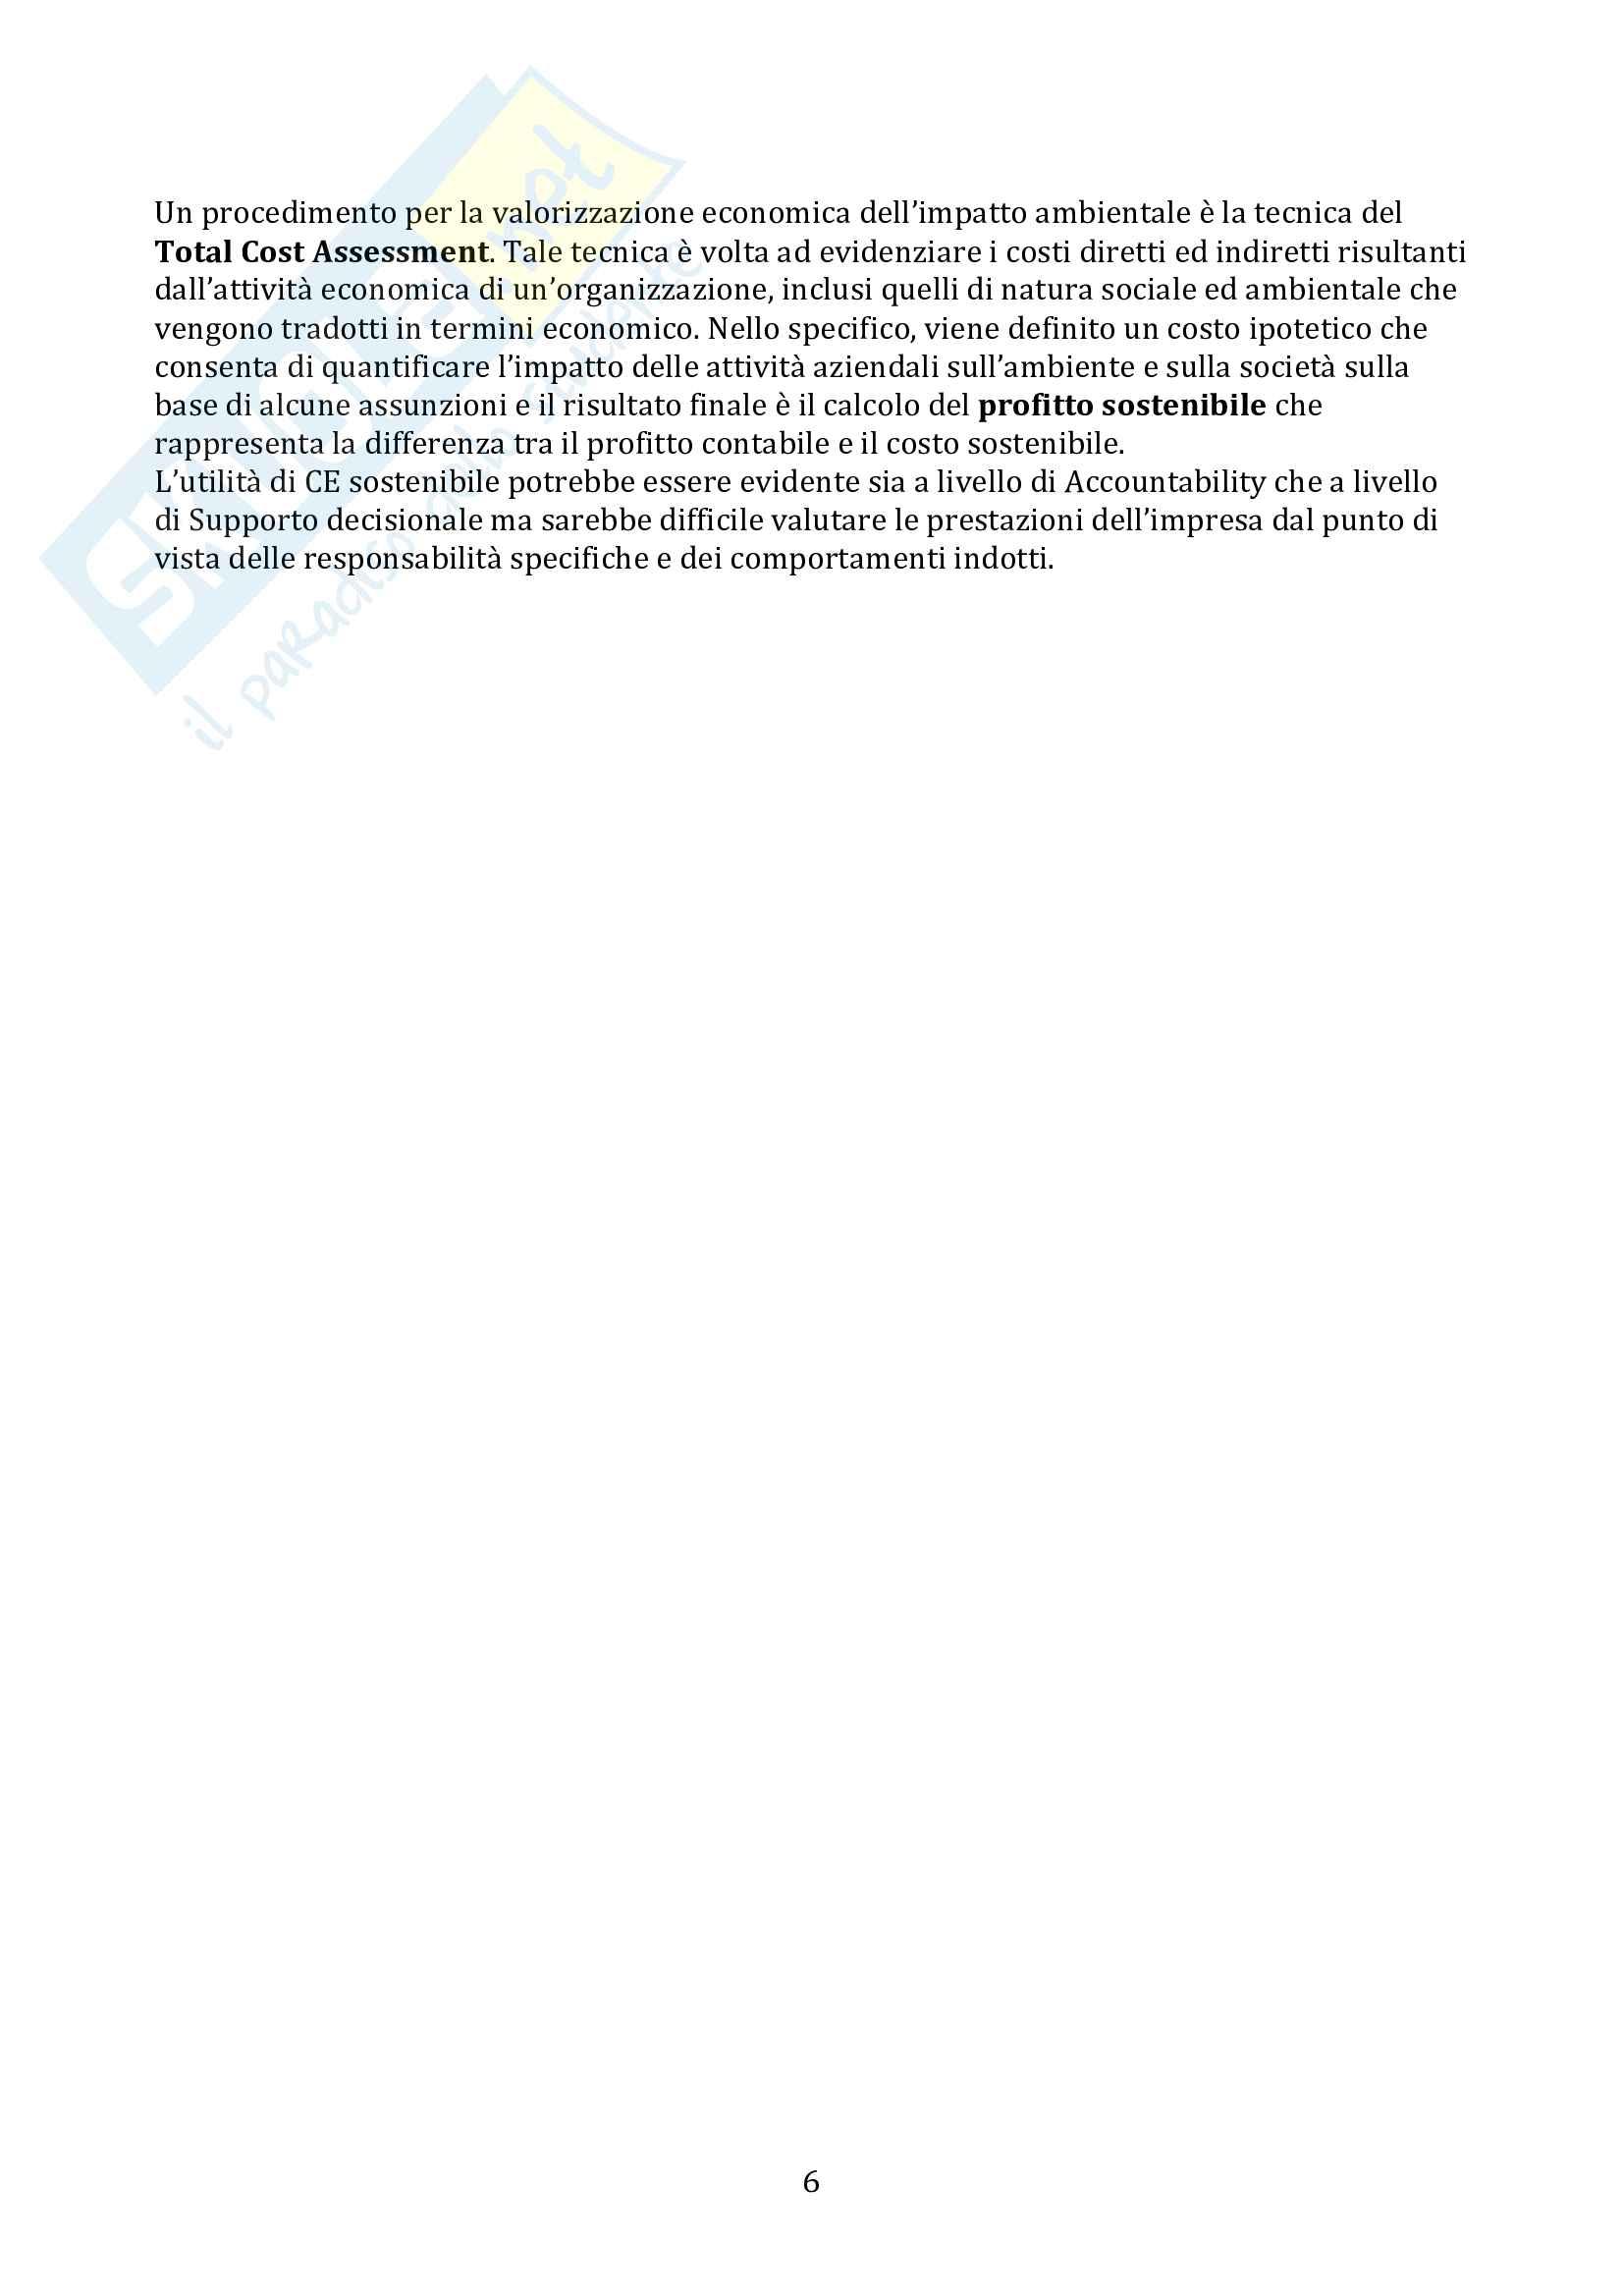 Sistemi di controllo e di gestione - Testimonianze Giudici  Arena Pag. 6